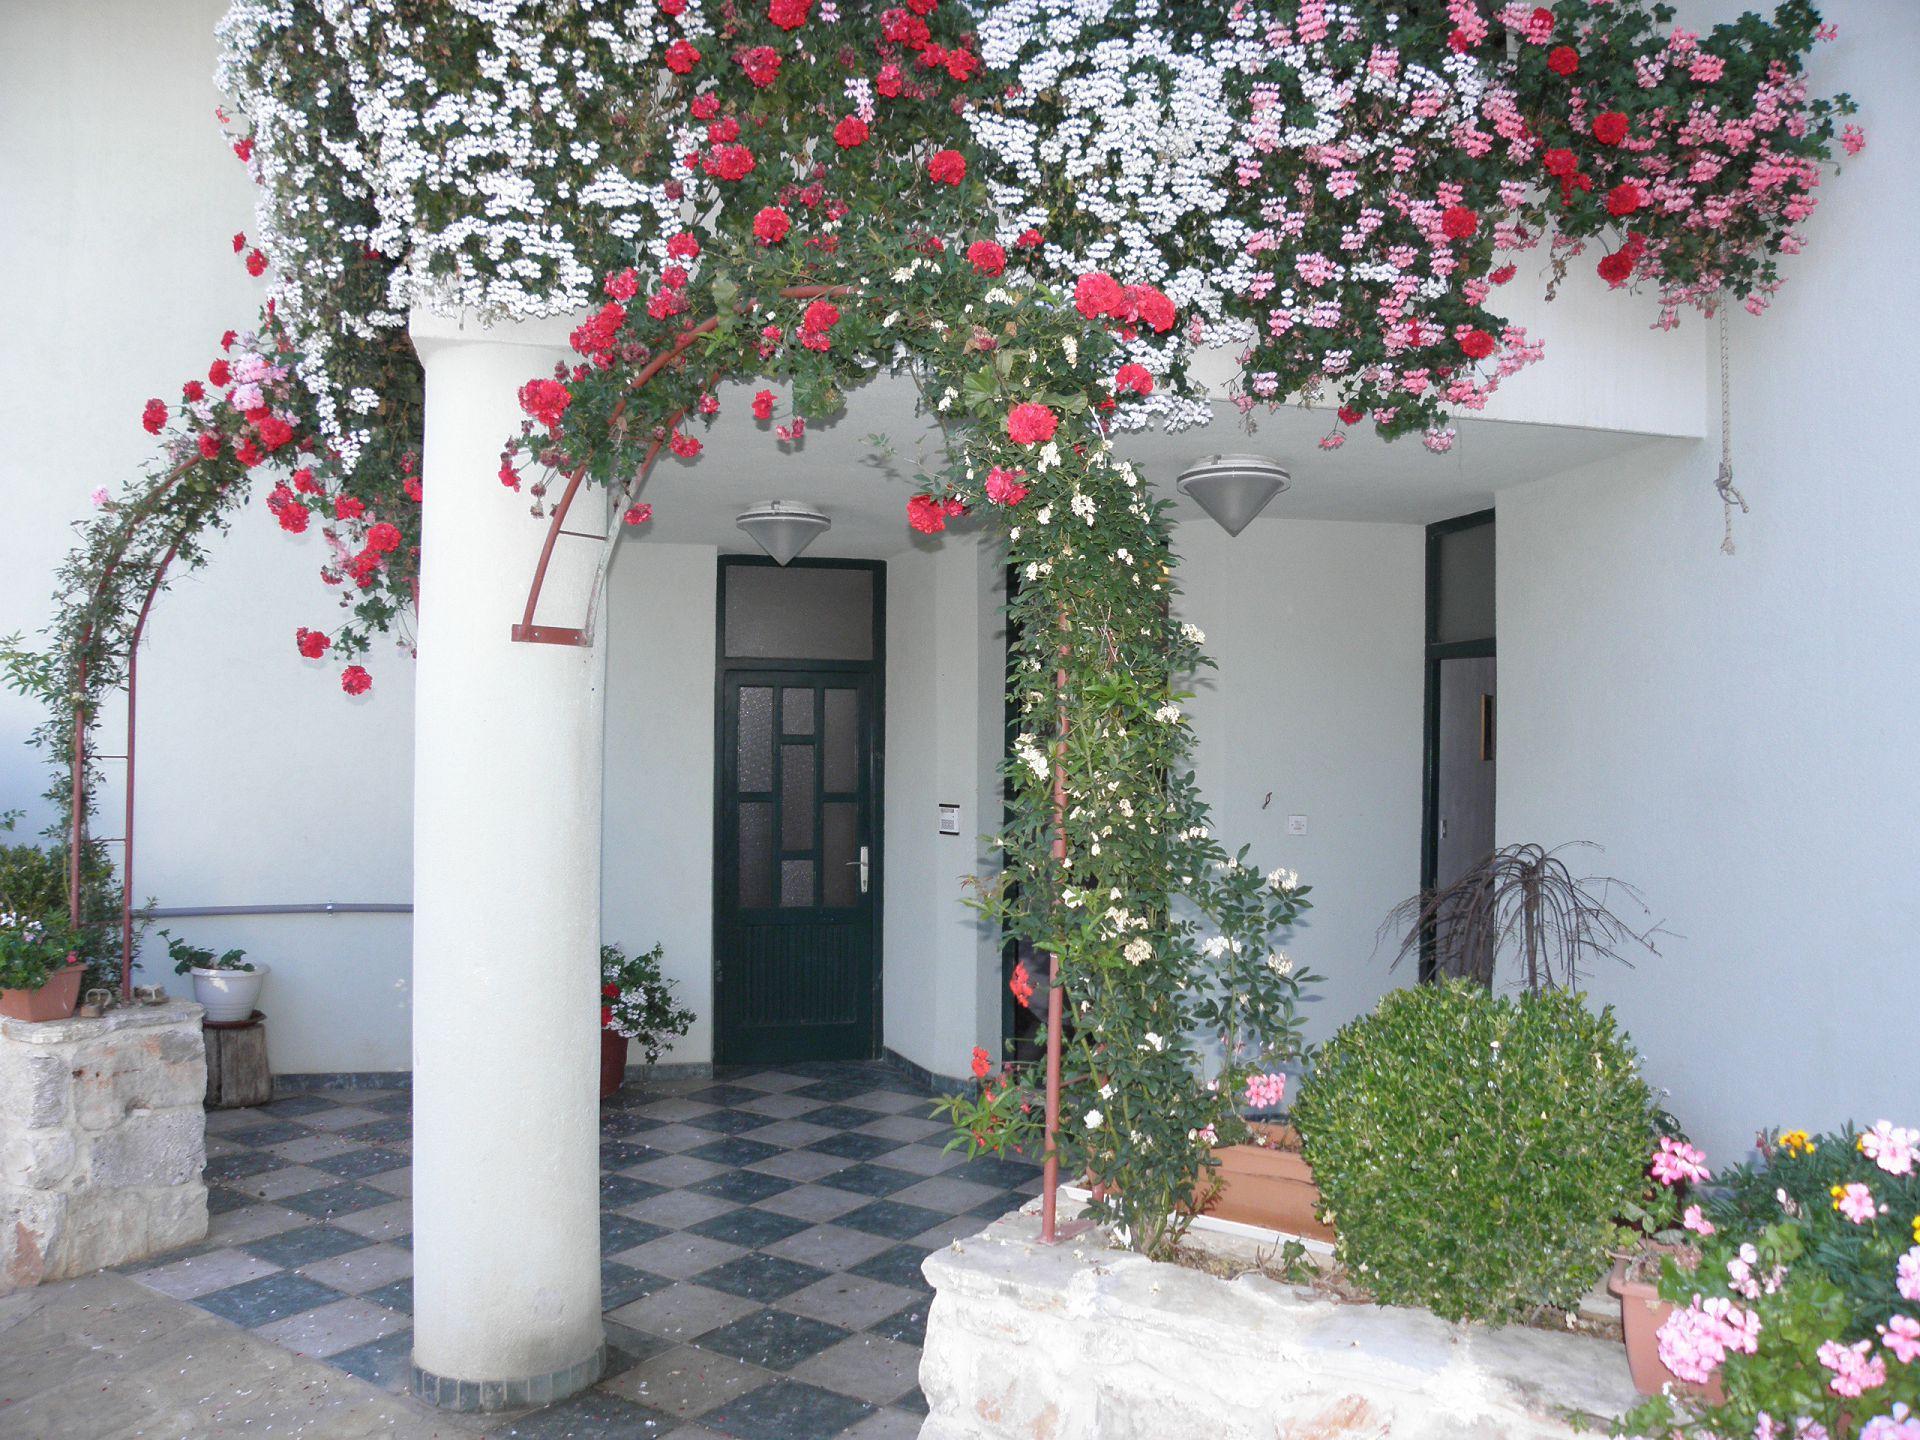 Ferienwohnung Novis A6 Isabell(4+1) - Kali (743273), Kali, Insel Ugljan, Dalmatien, Kroatien, Bild 4